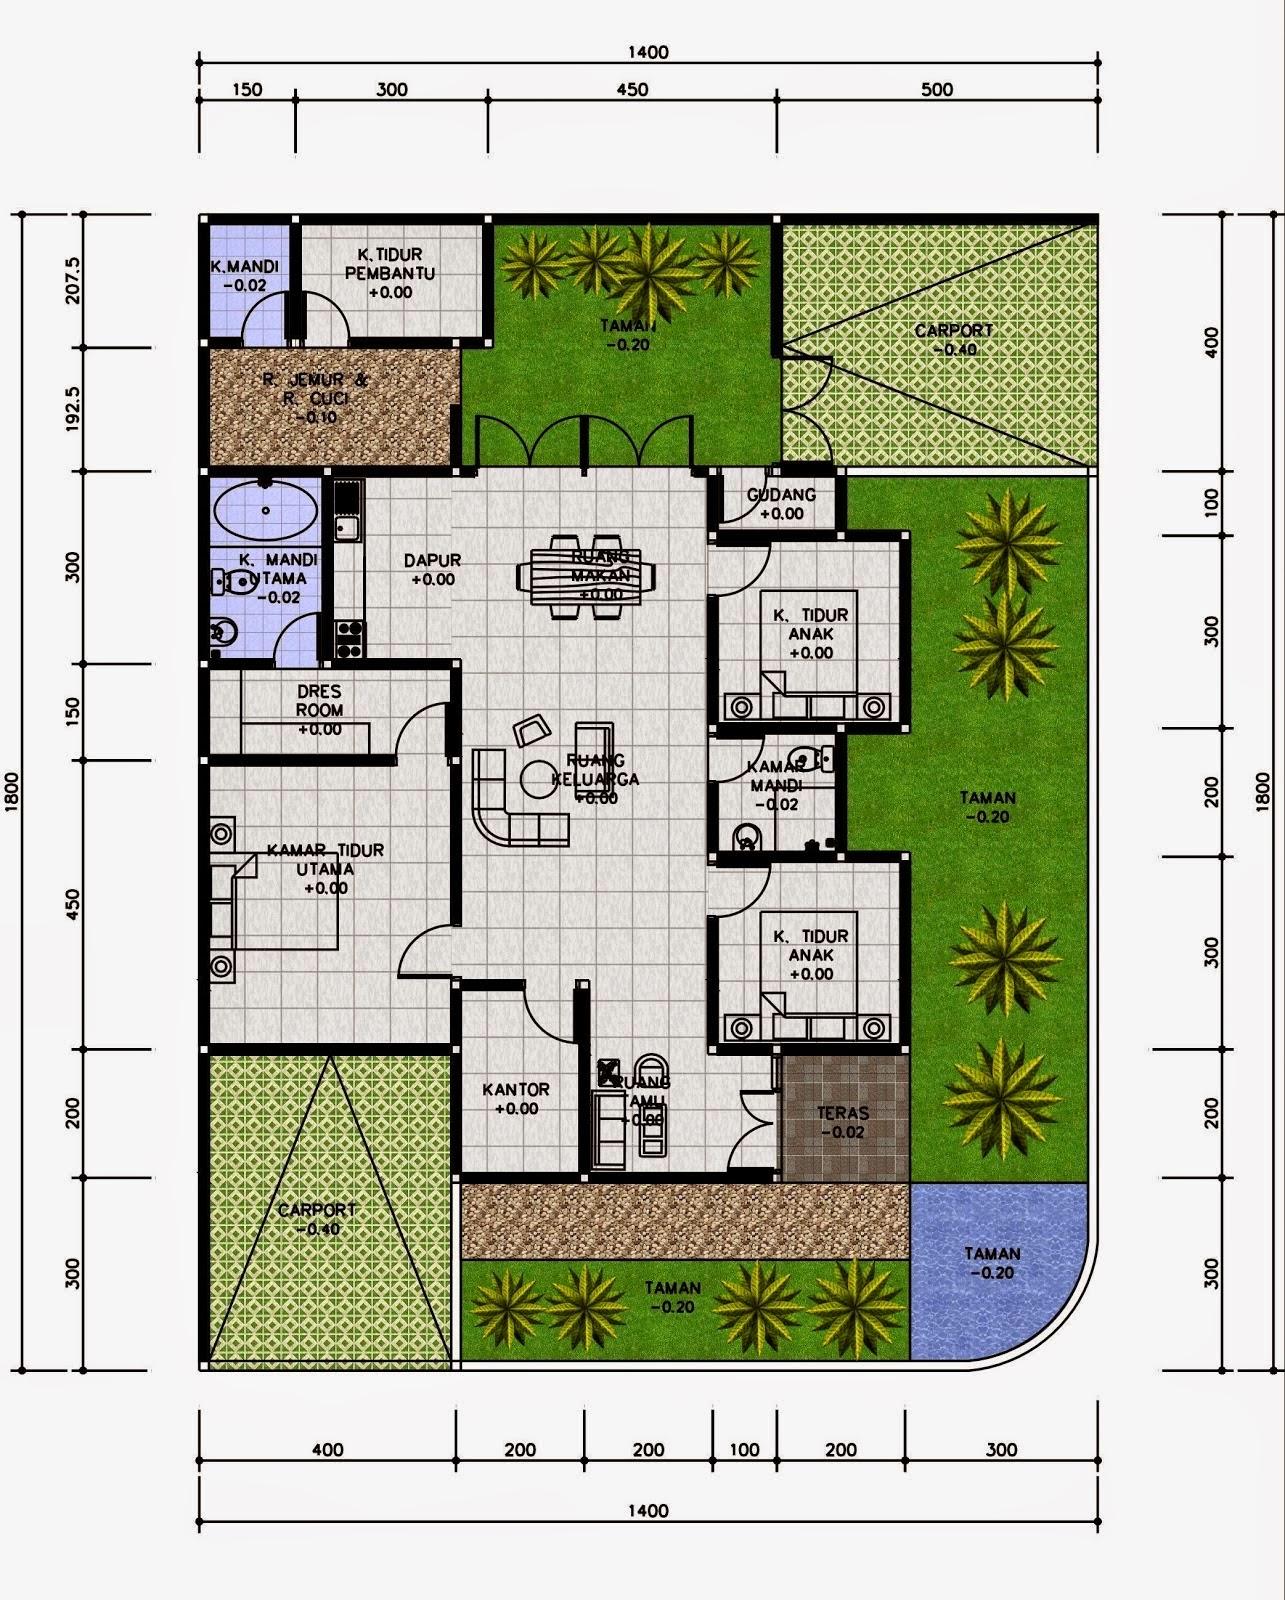 Denah Rumah 4 Kamar : denah, rumah, kamar, Rumah, Minimalis, Modern, Lantai, Kamar, Tidur, Desain